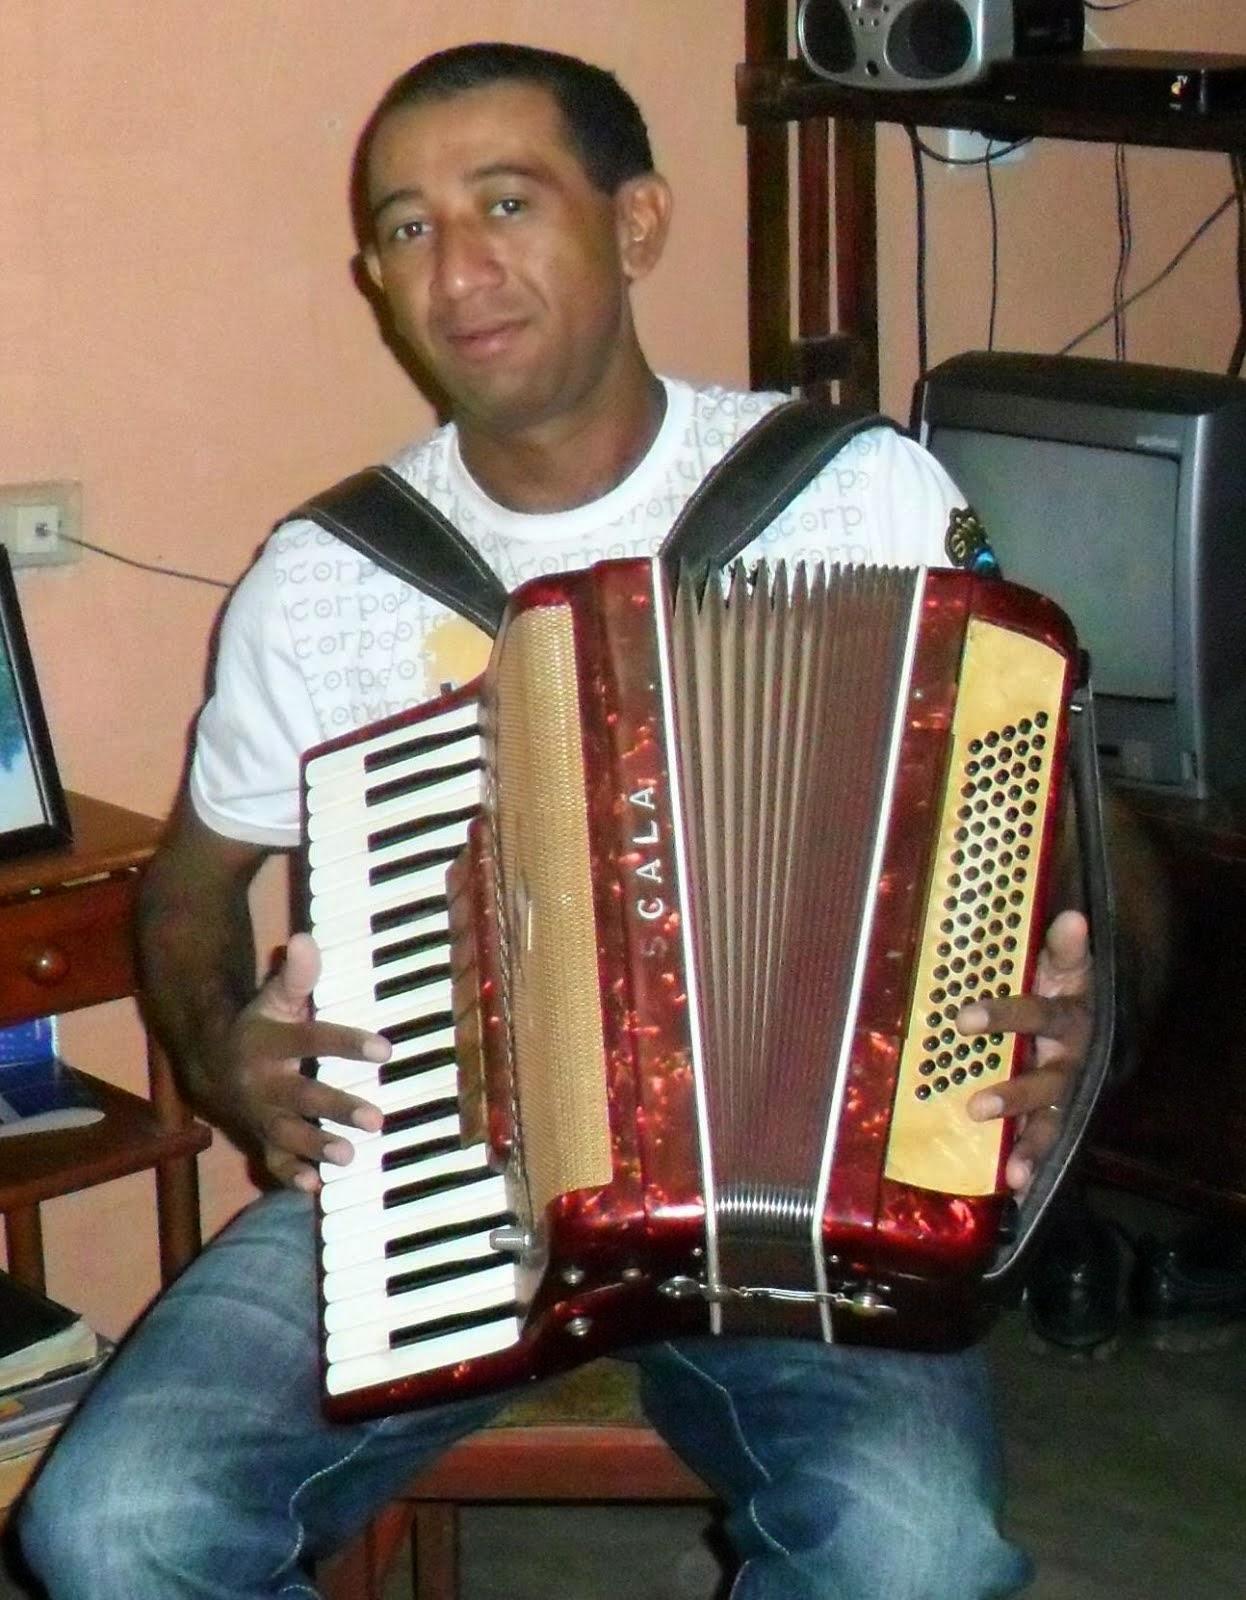 Poema de Fabinho do Acordeon, musico produtor, poeta, compositor e locutor itaporanguense